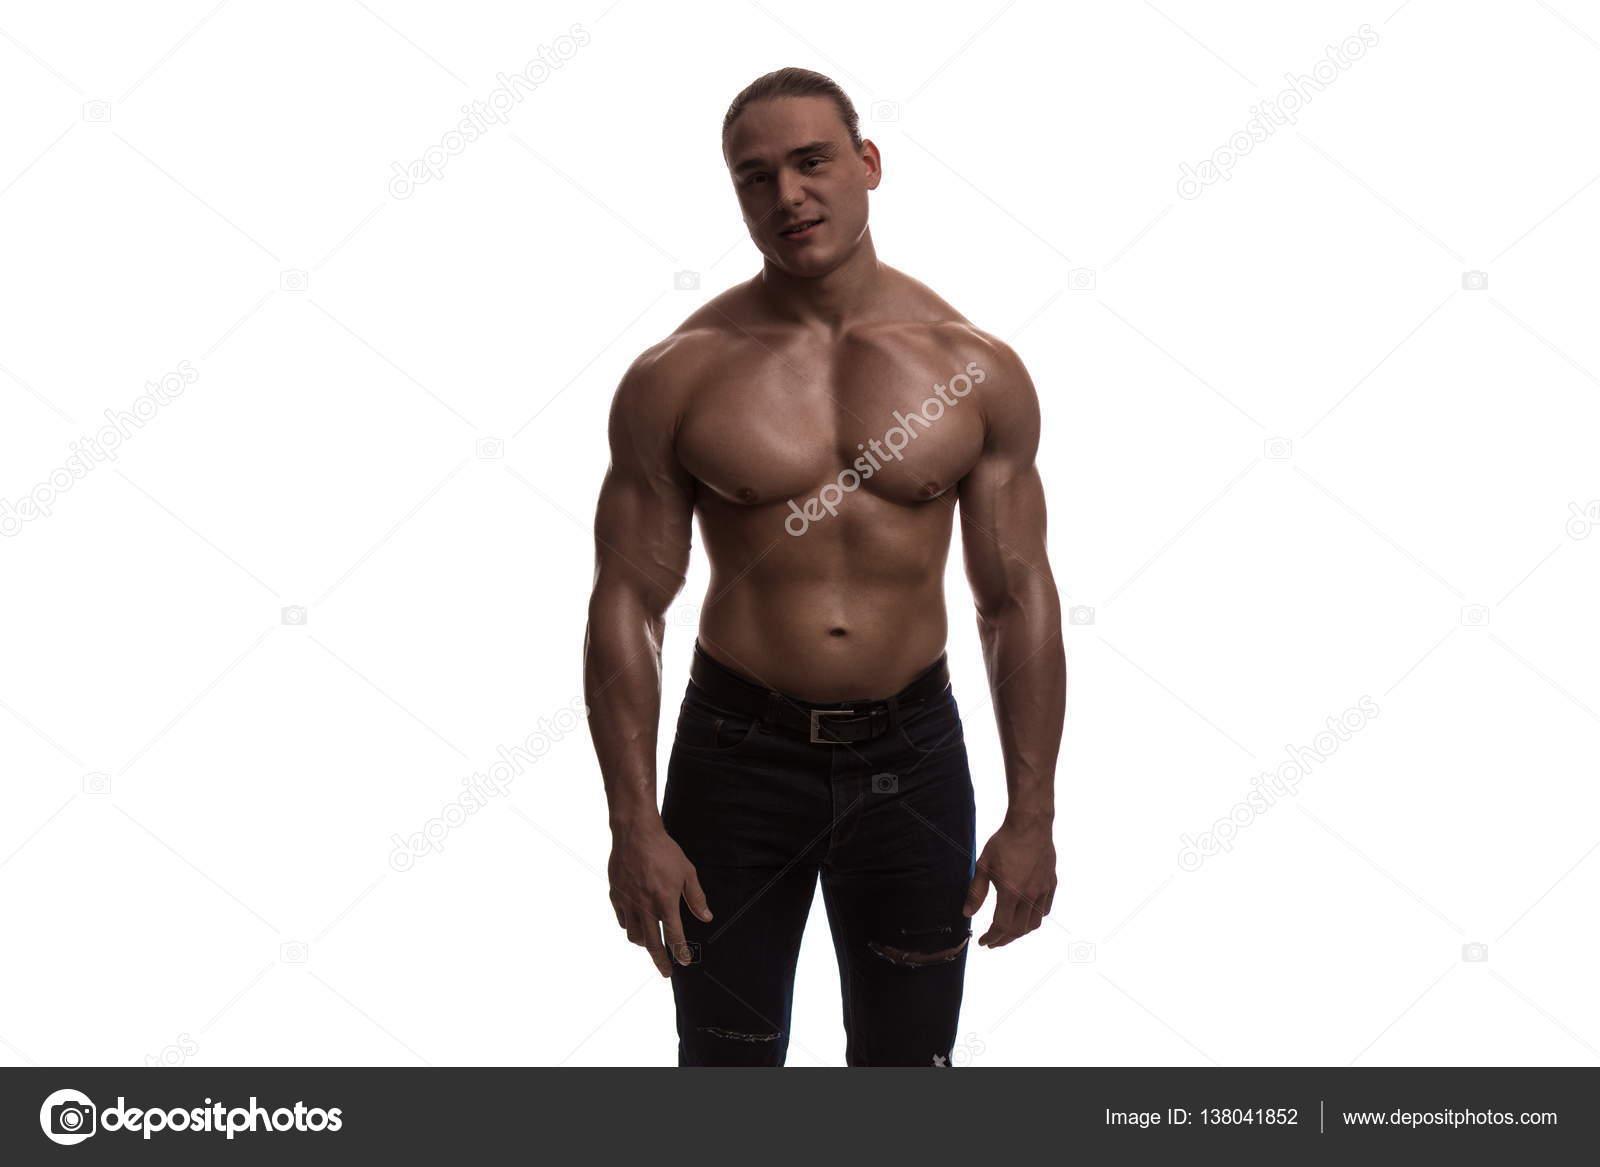 nackten Oberkörper männlichen Bodybuilder Athlet — Stockfoto ...